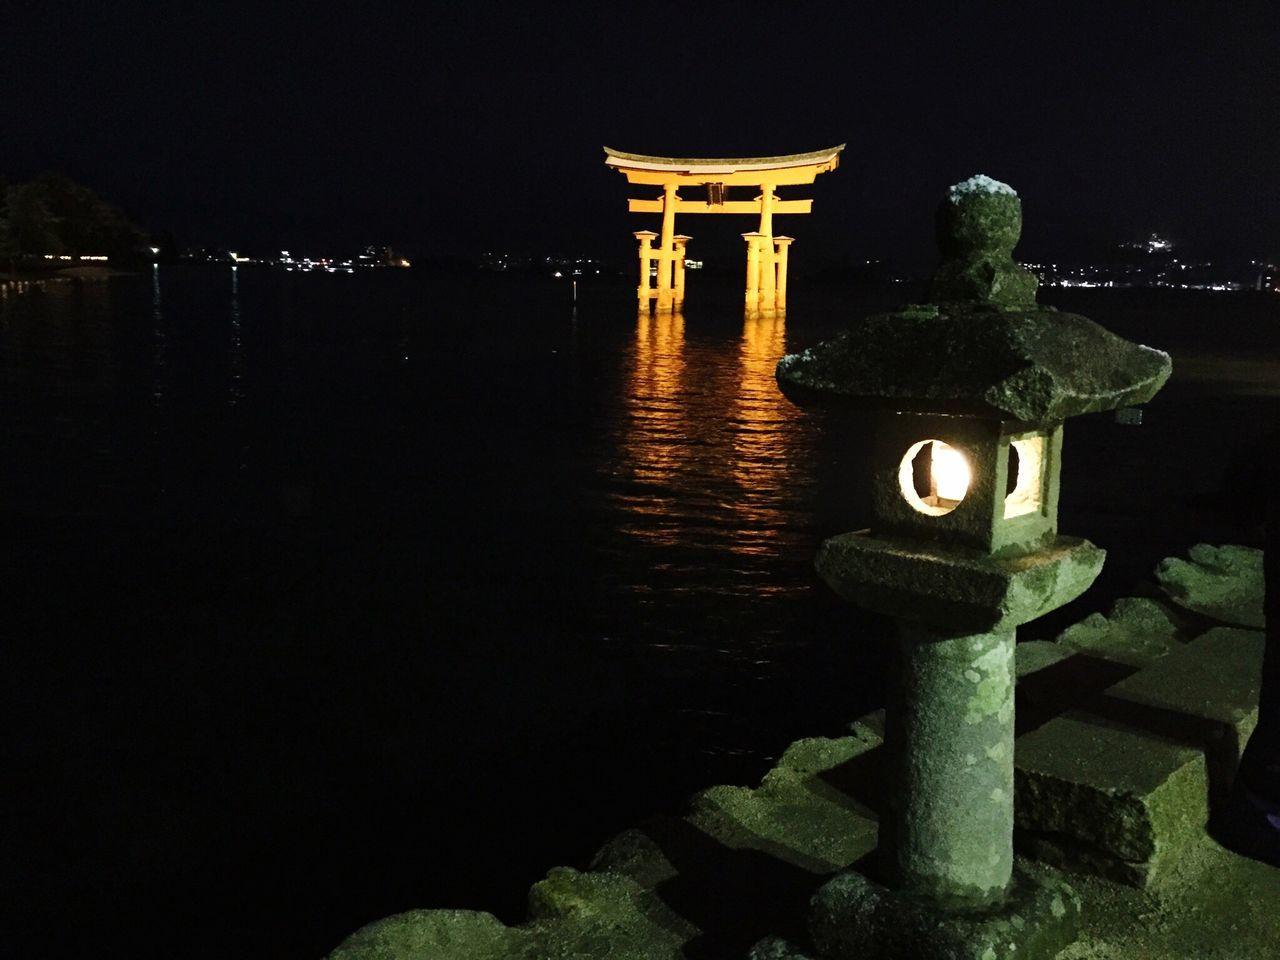 Water Place Of Worship Cultures Night Outdoors No People Sea Built Structure Illuminated Statue Itsukushima Shrine Japanese Shrine Miyajima Hiroshima